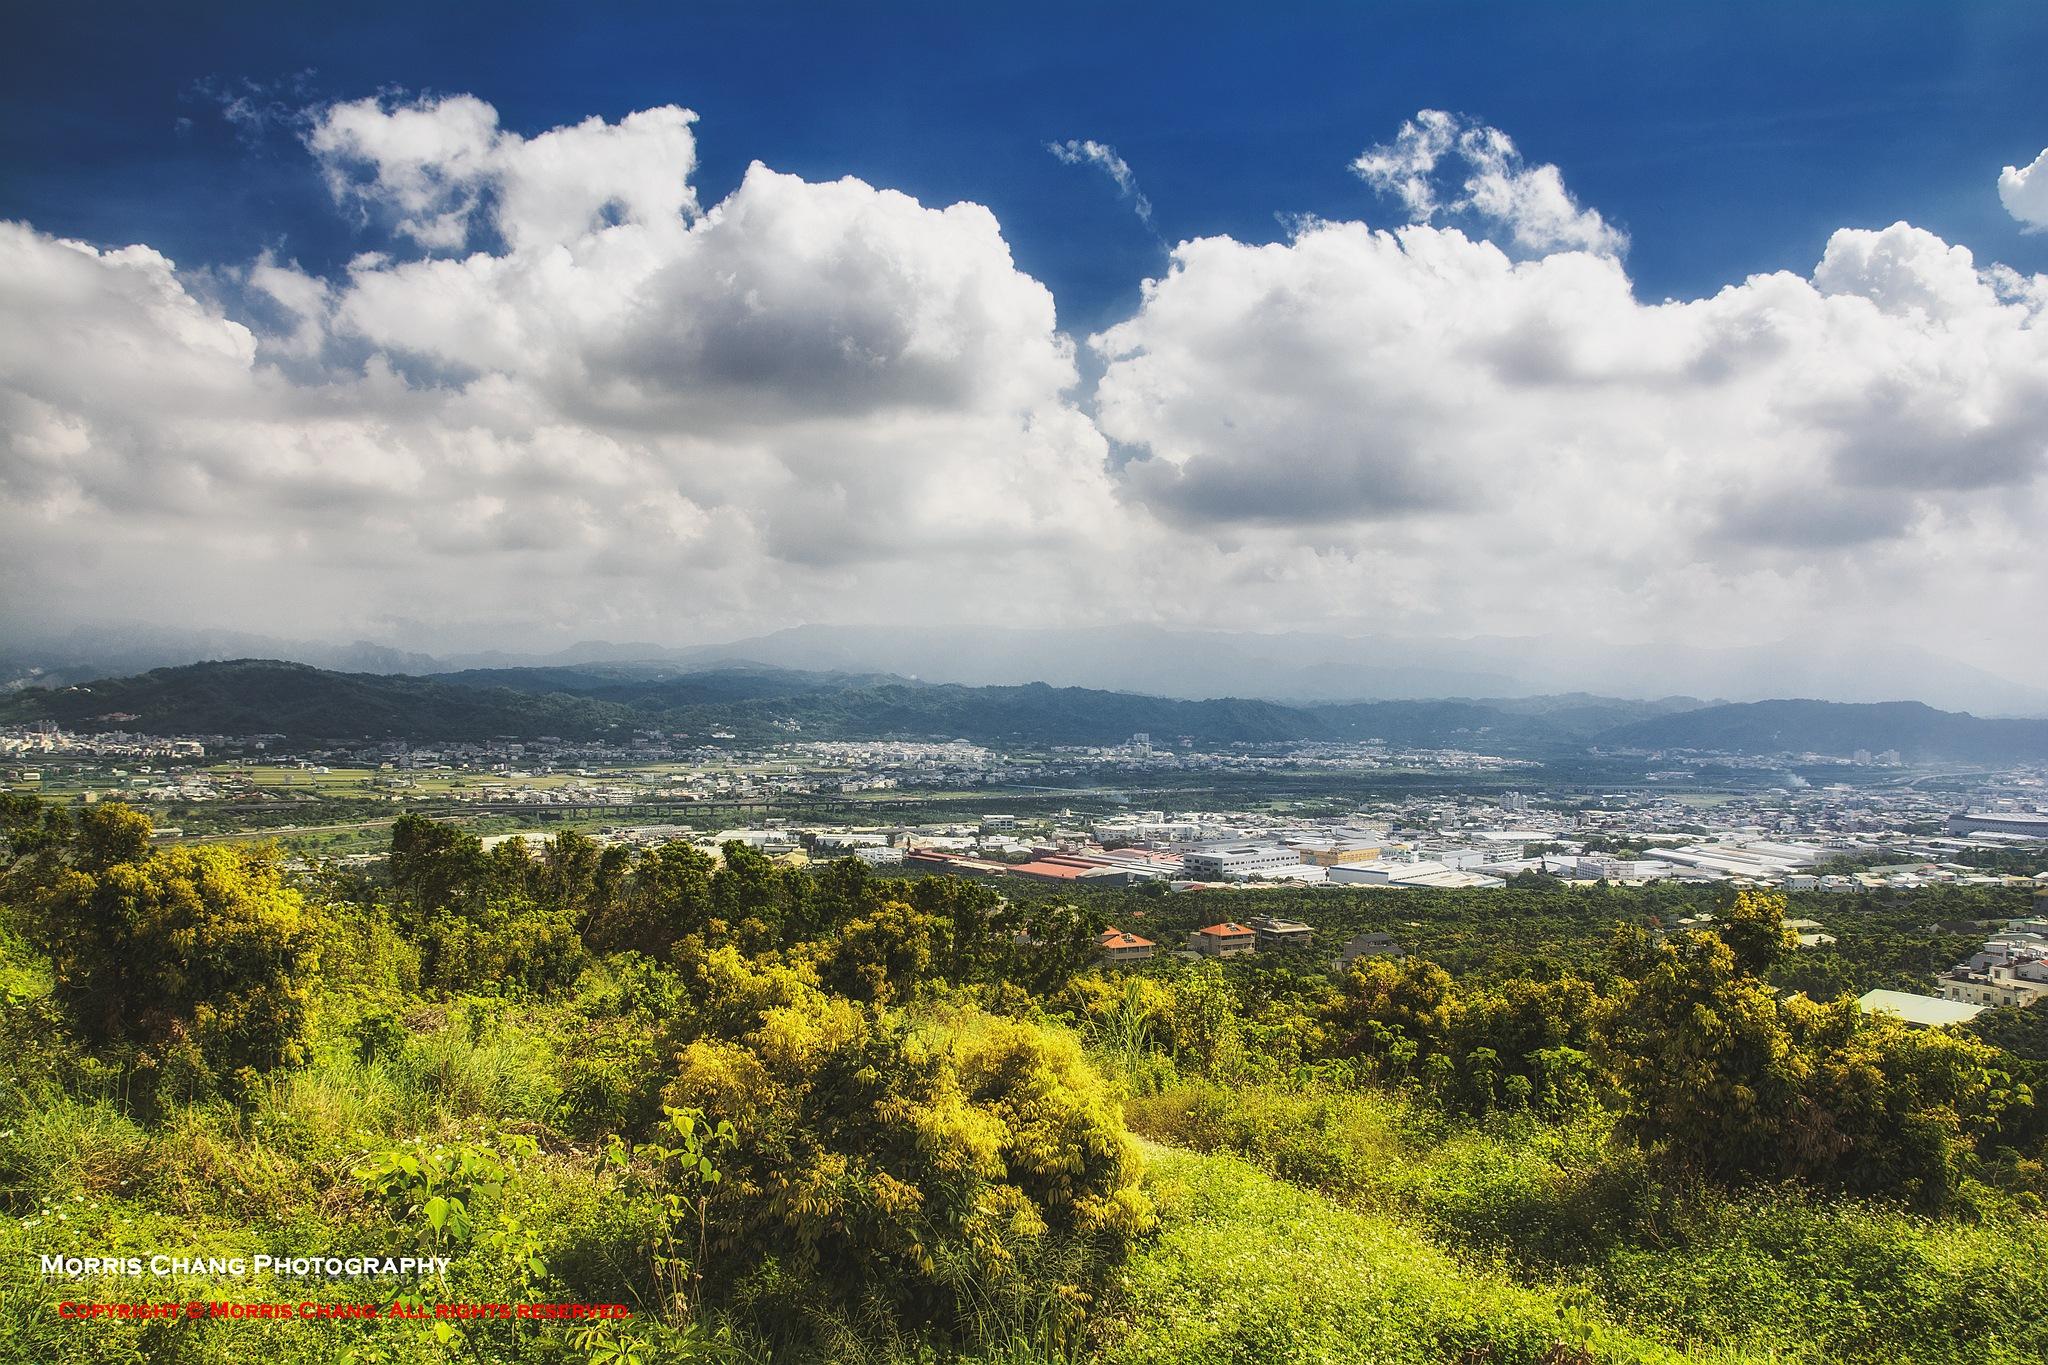 Go outdoors. Nantou, Taiwan by Morris Chang